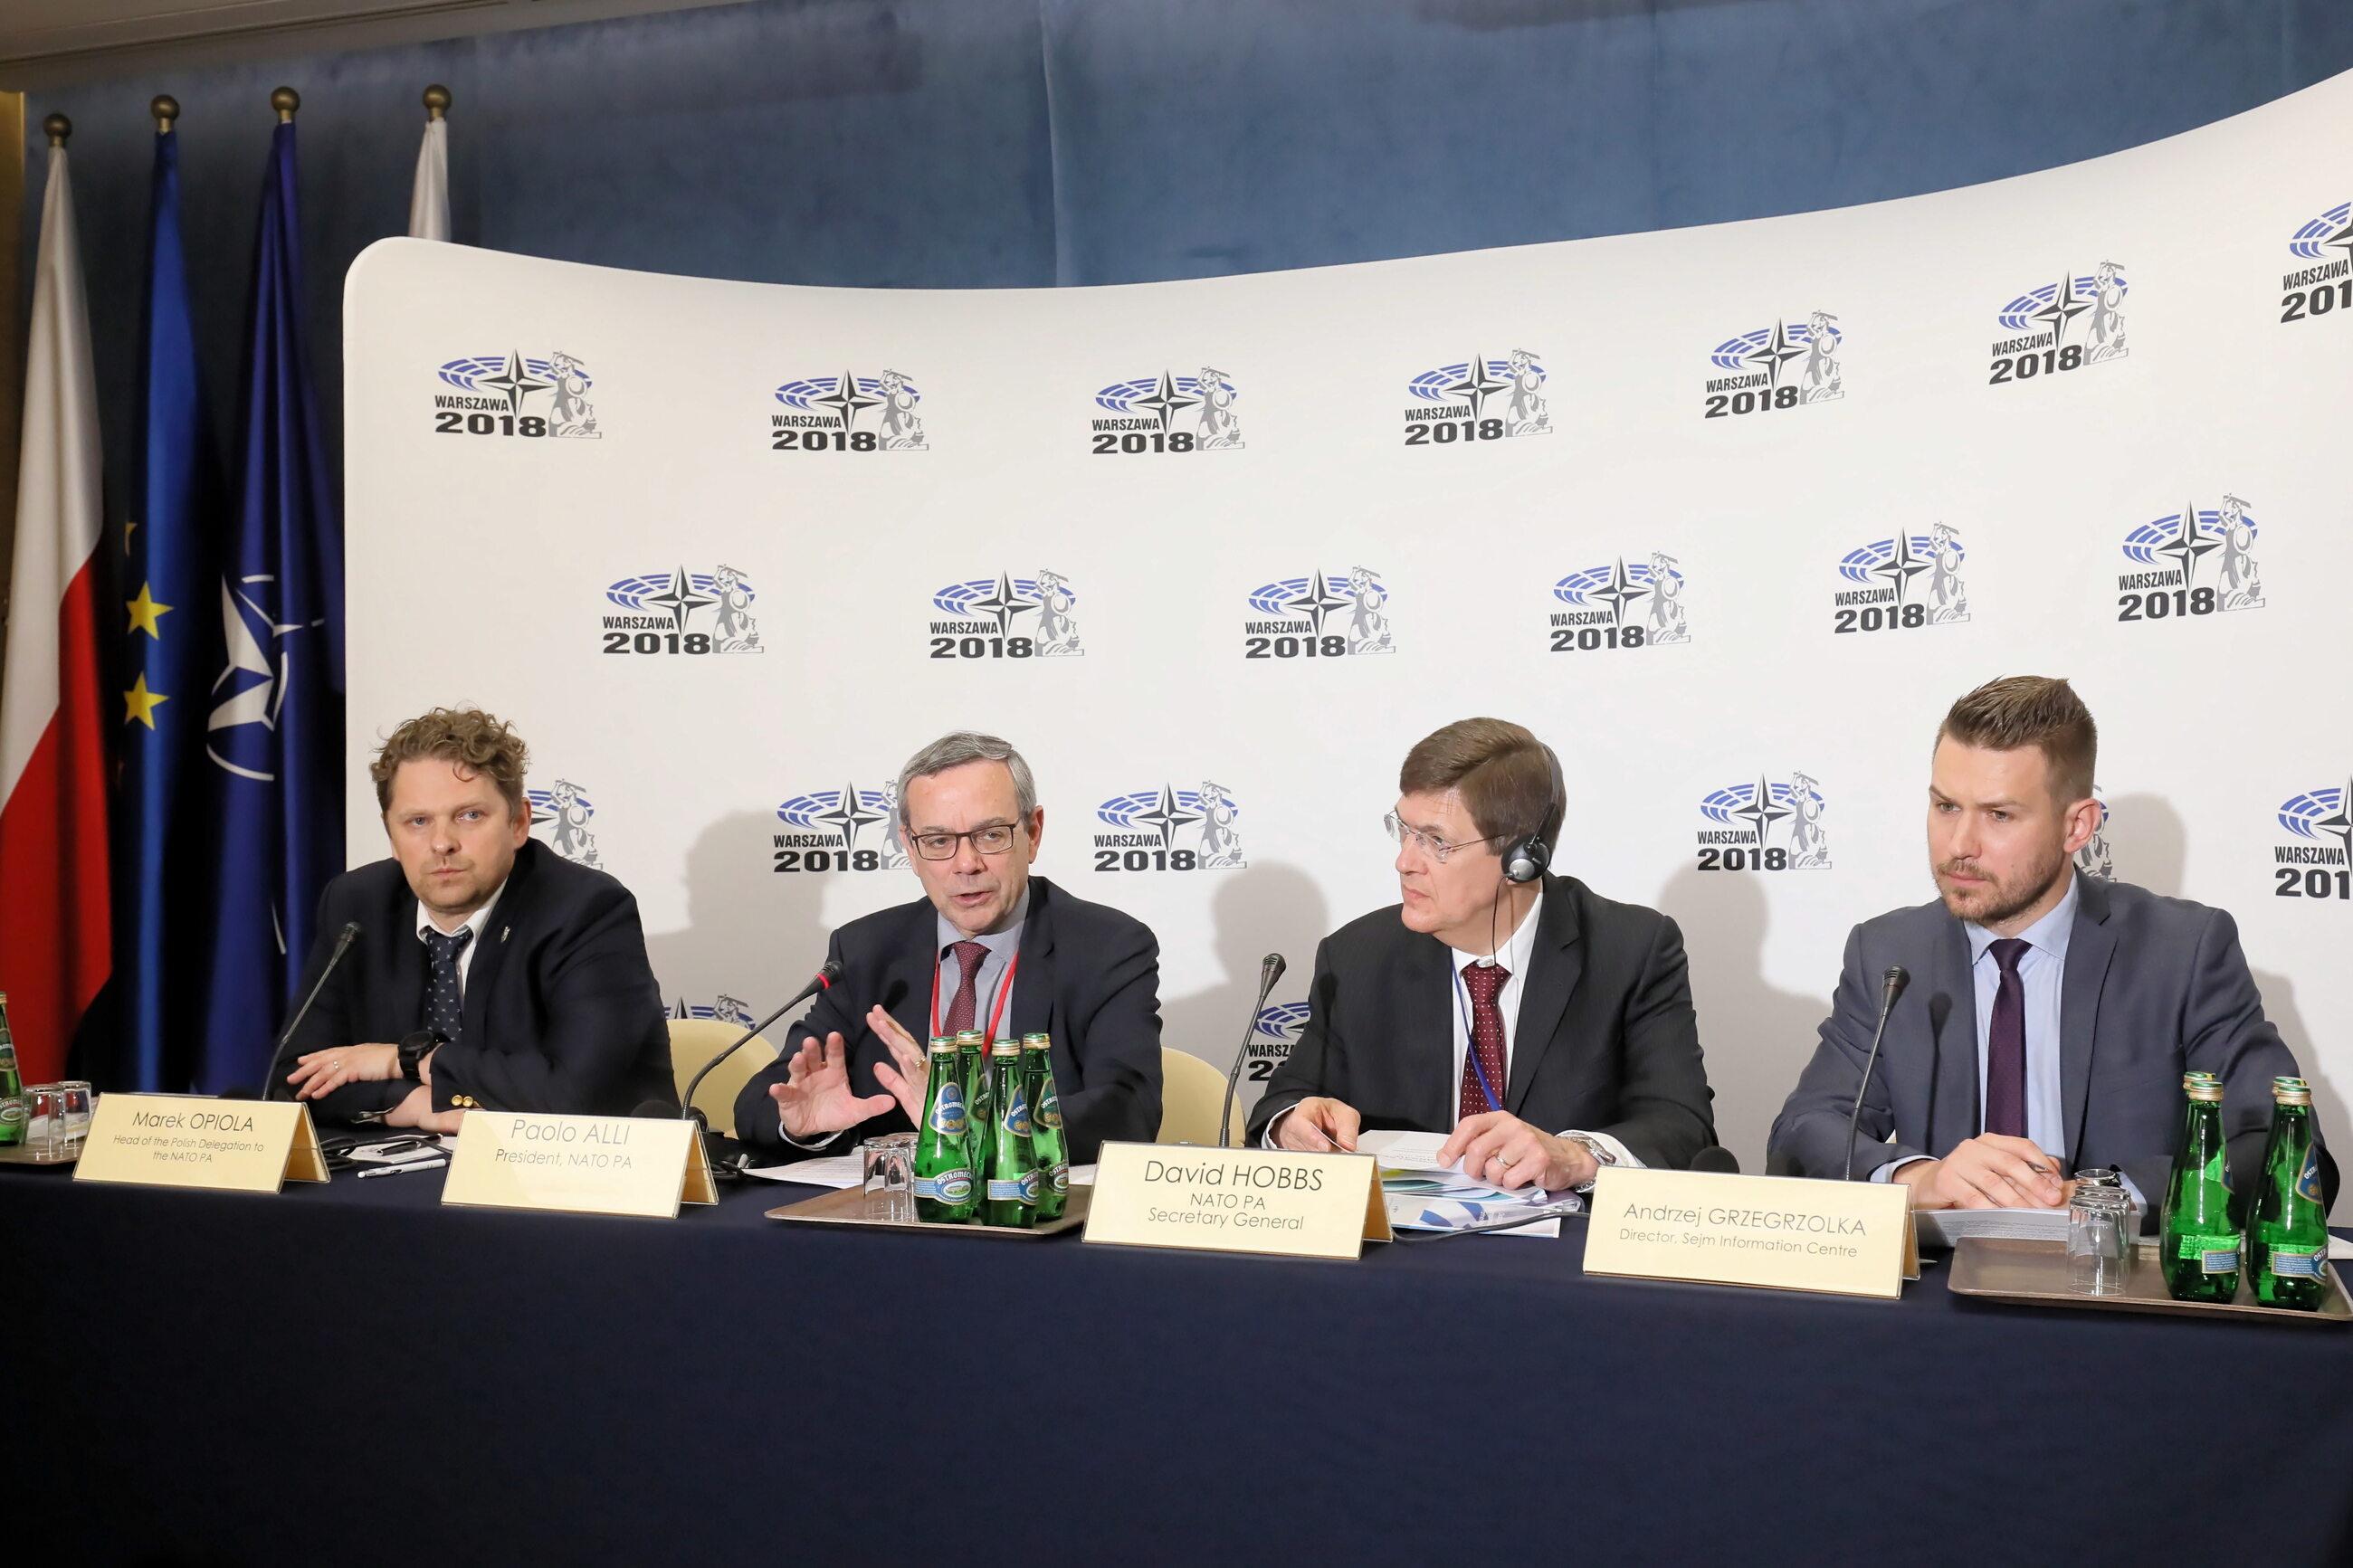 Briefing prasowy inaugurujący sesję Zgromadzenia Parlamentarnego NATO w Sejmie